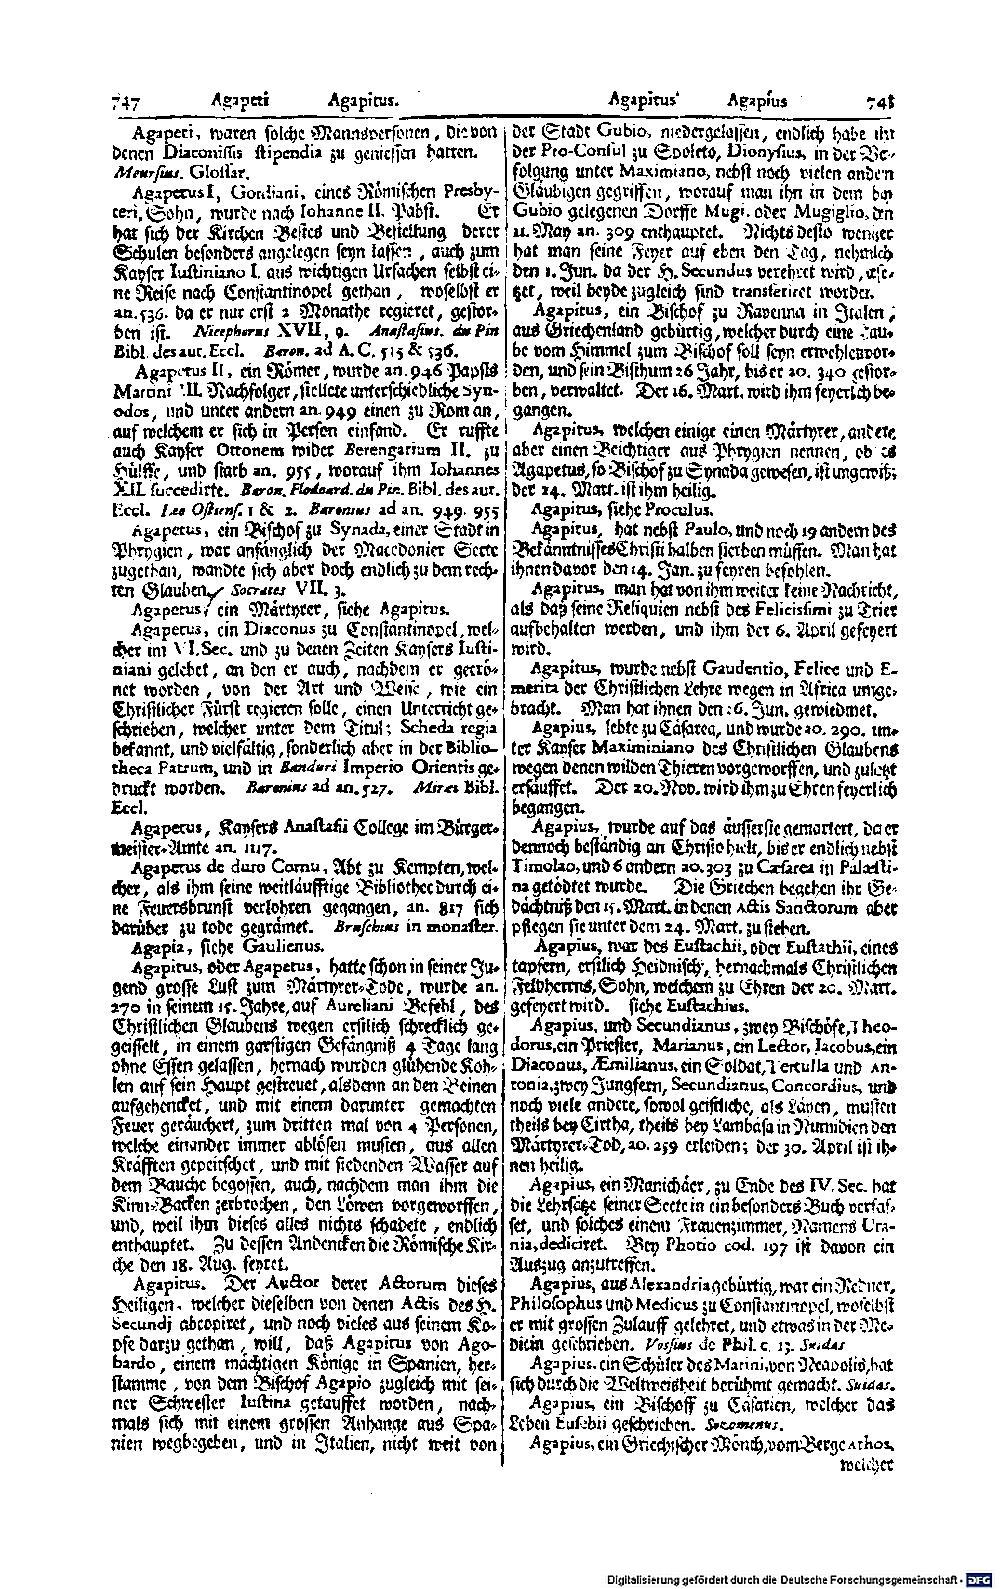 Bd. 01, Seite 0413.